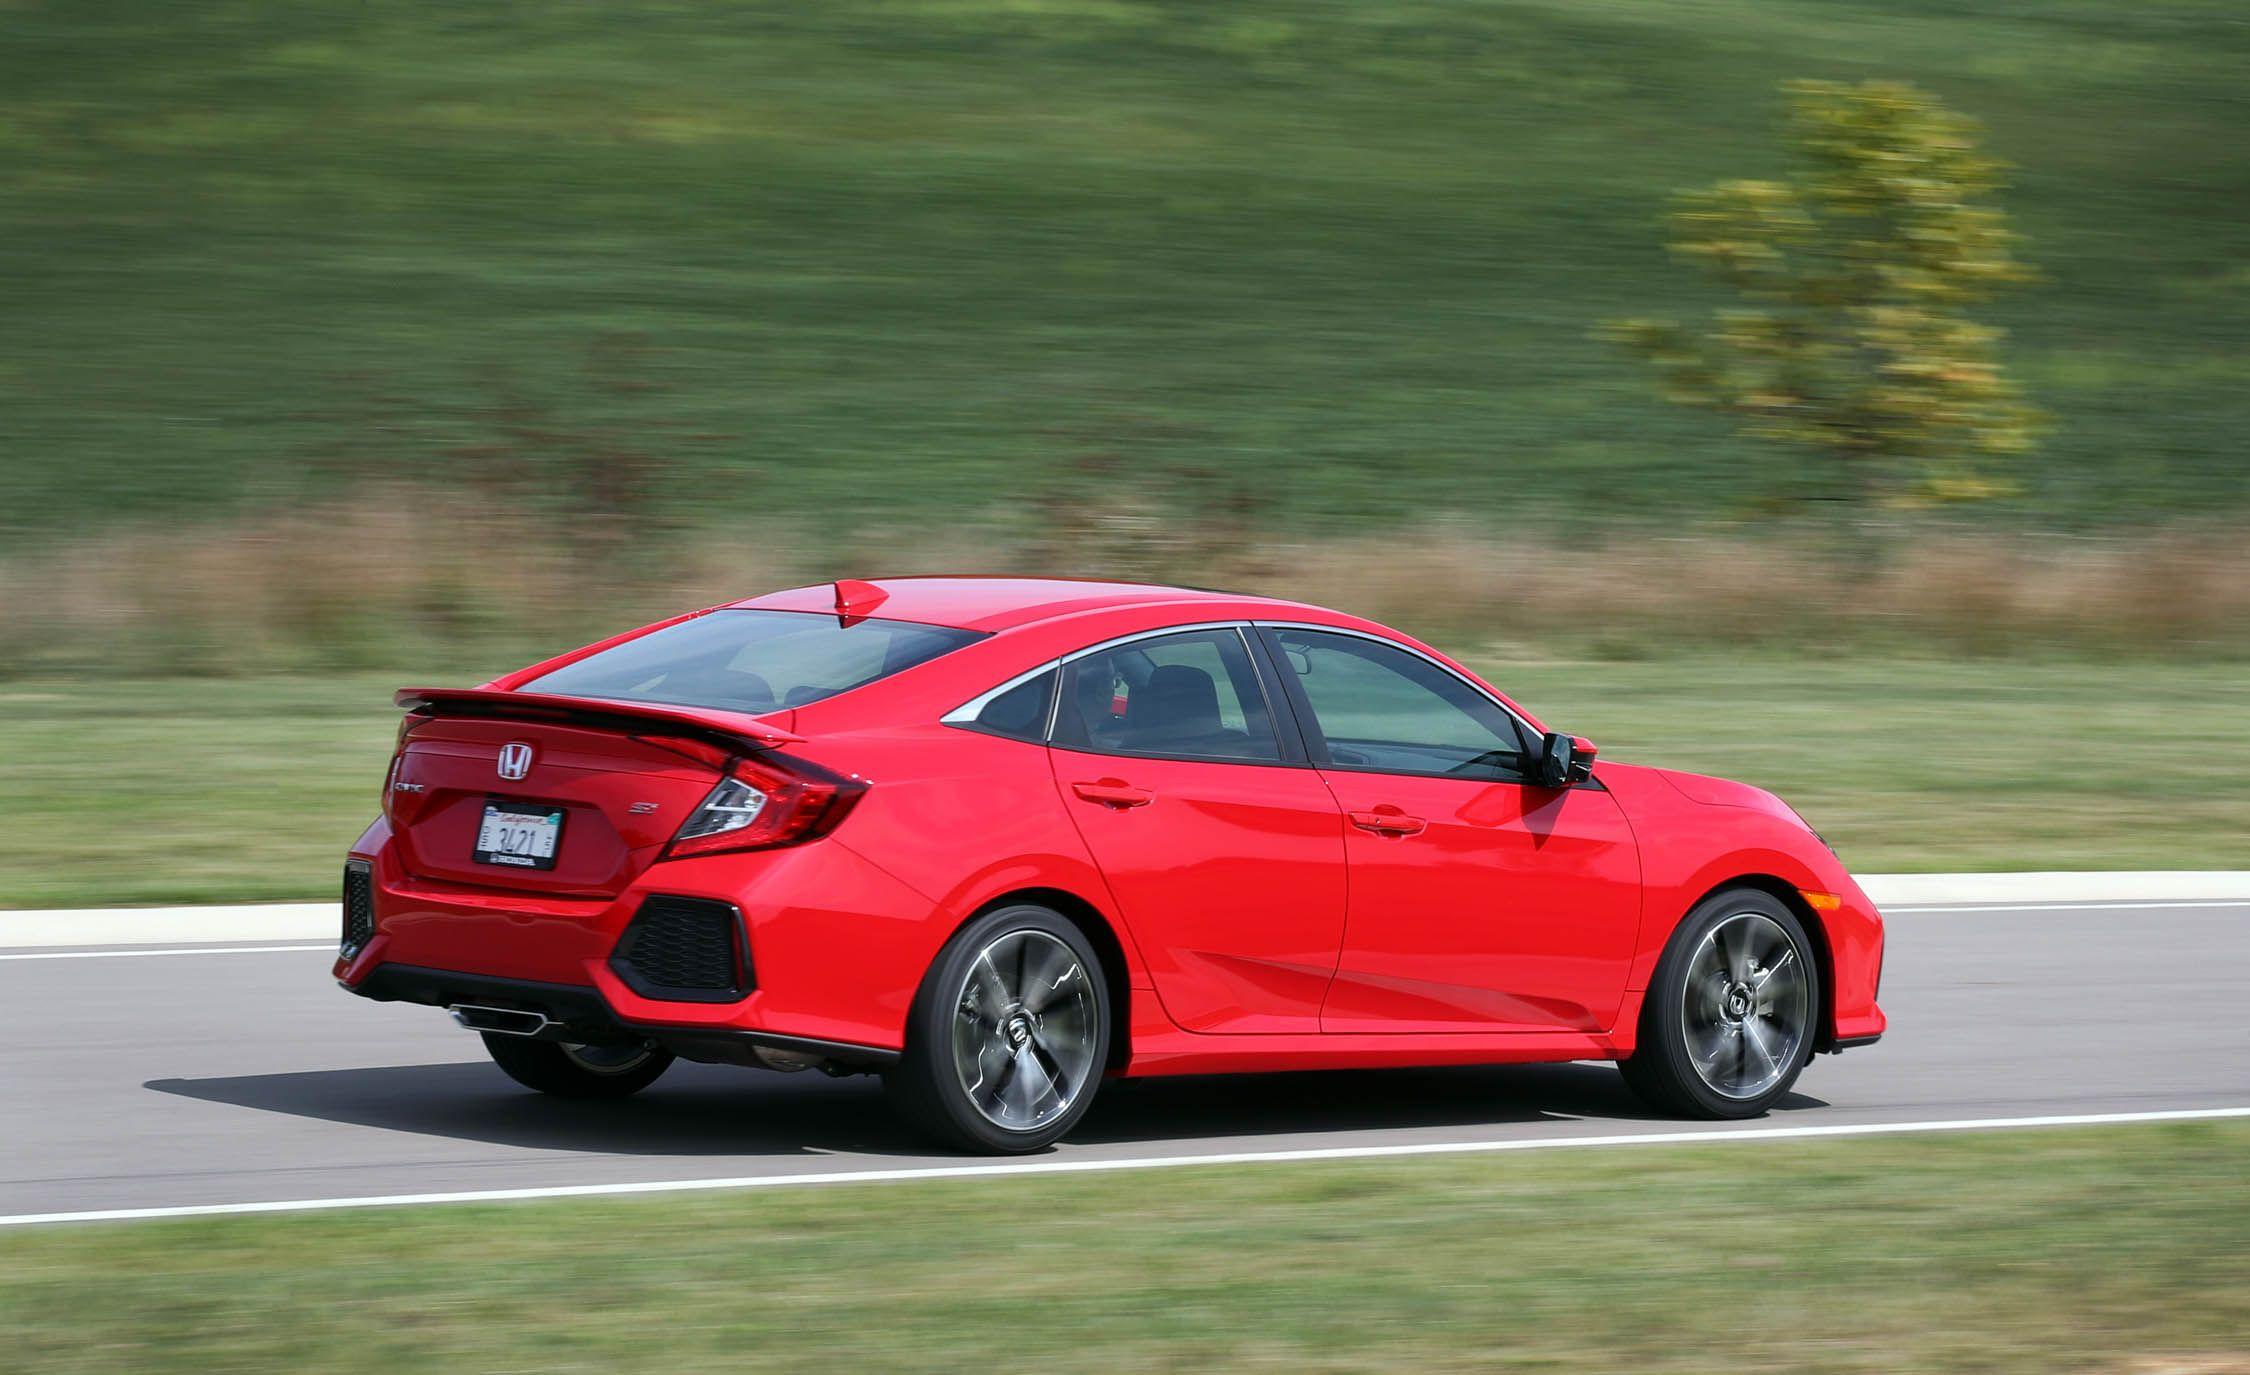 Honda Civic Si Reviews